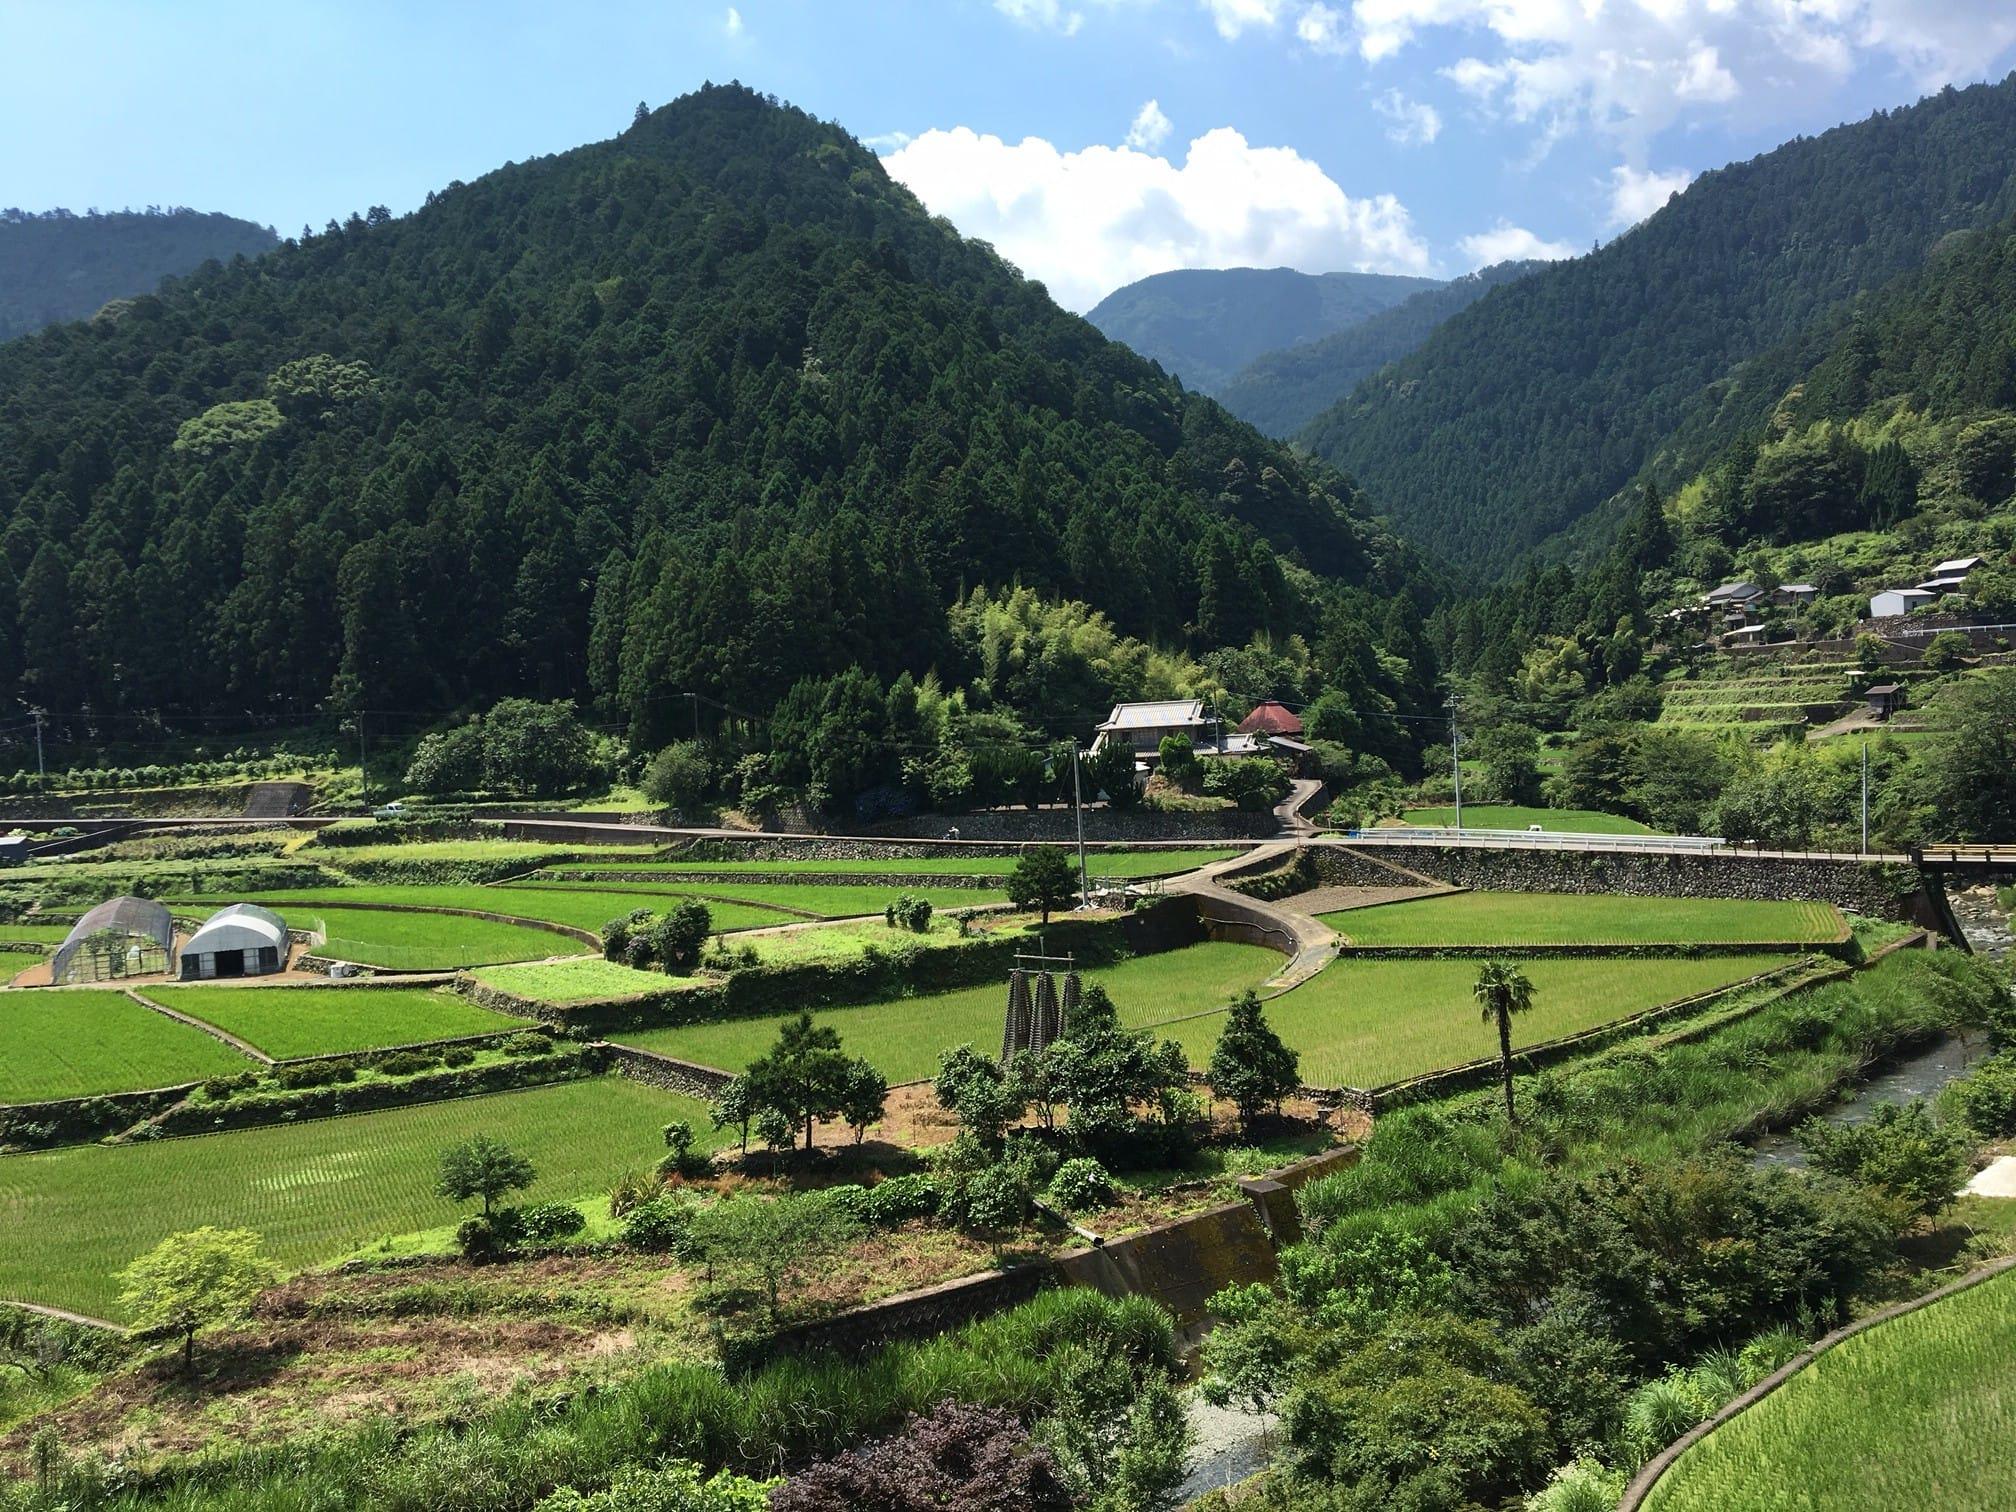 山間にひろがる棚田の風景も、神山の顔のひとつ。